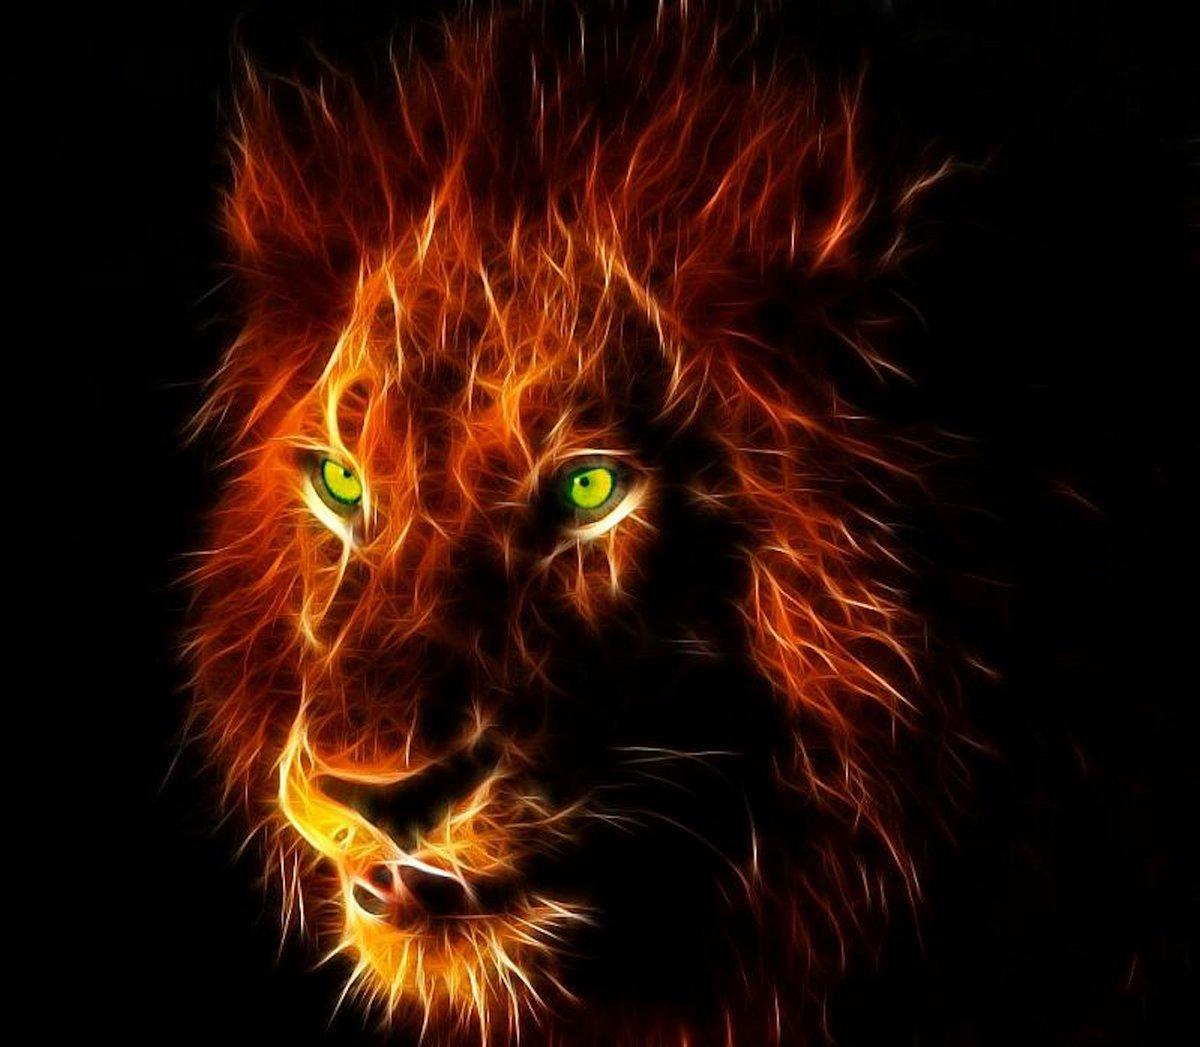 Картинка крутые лев, открытки для мамы